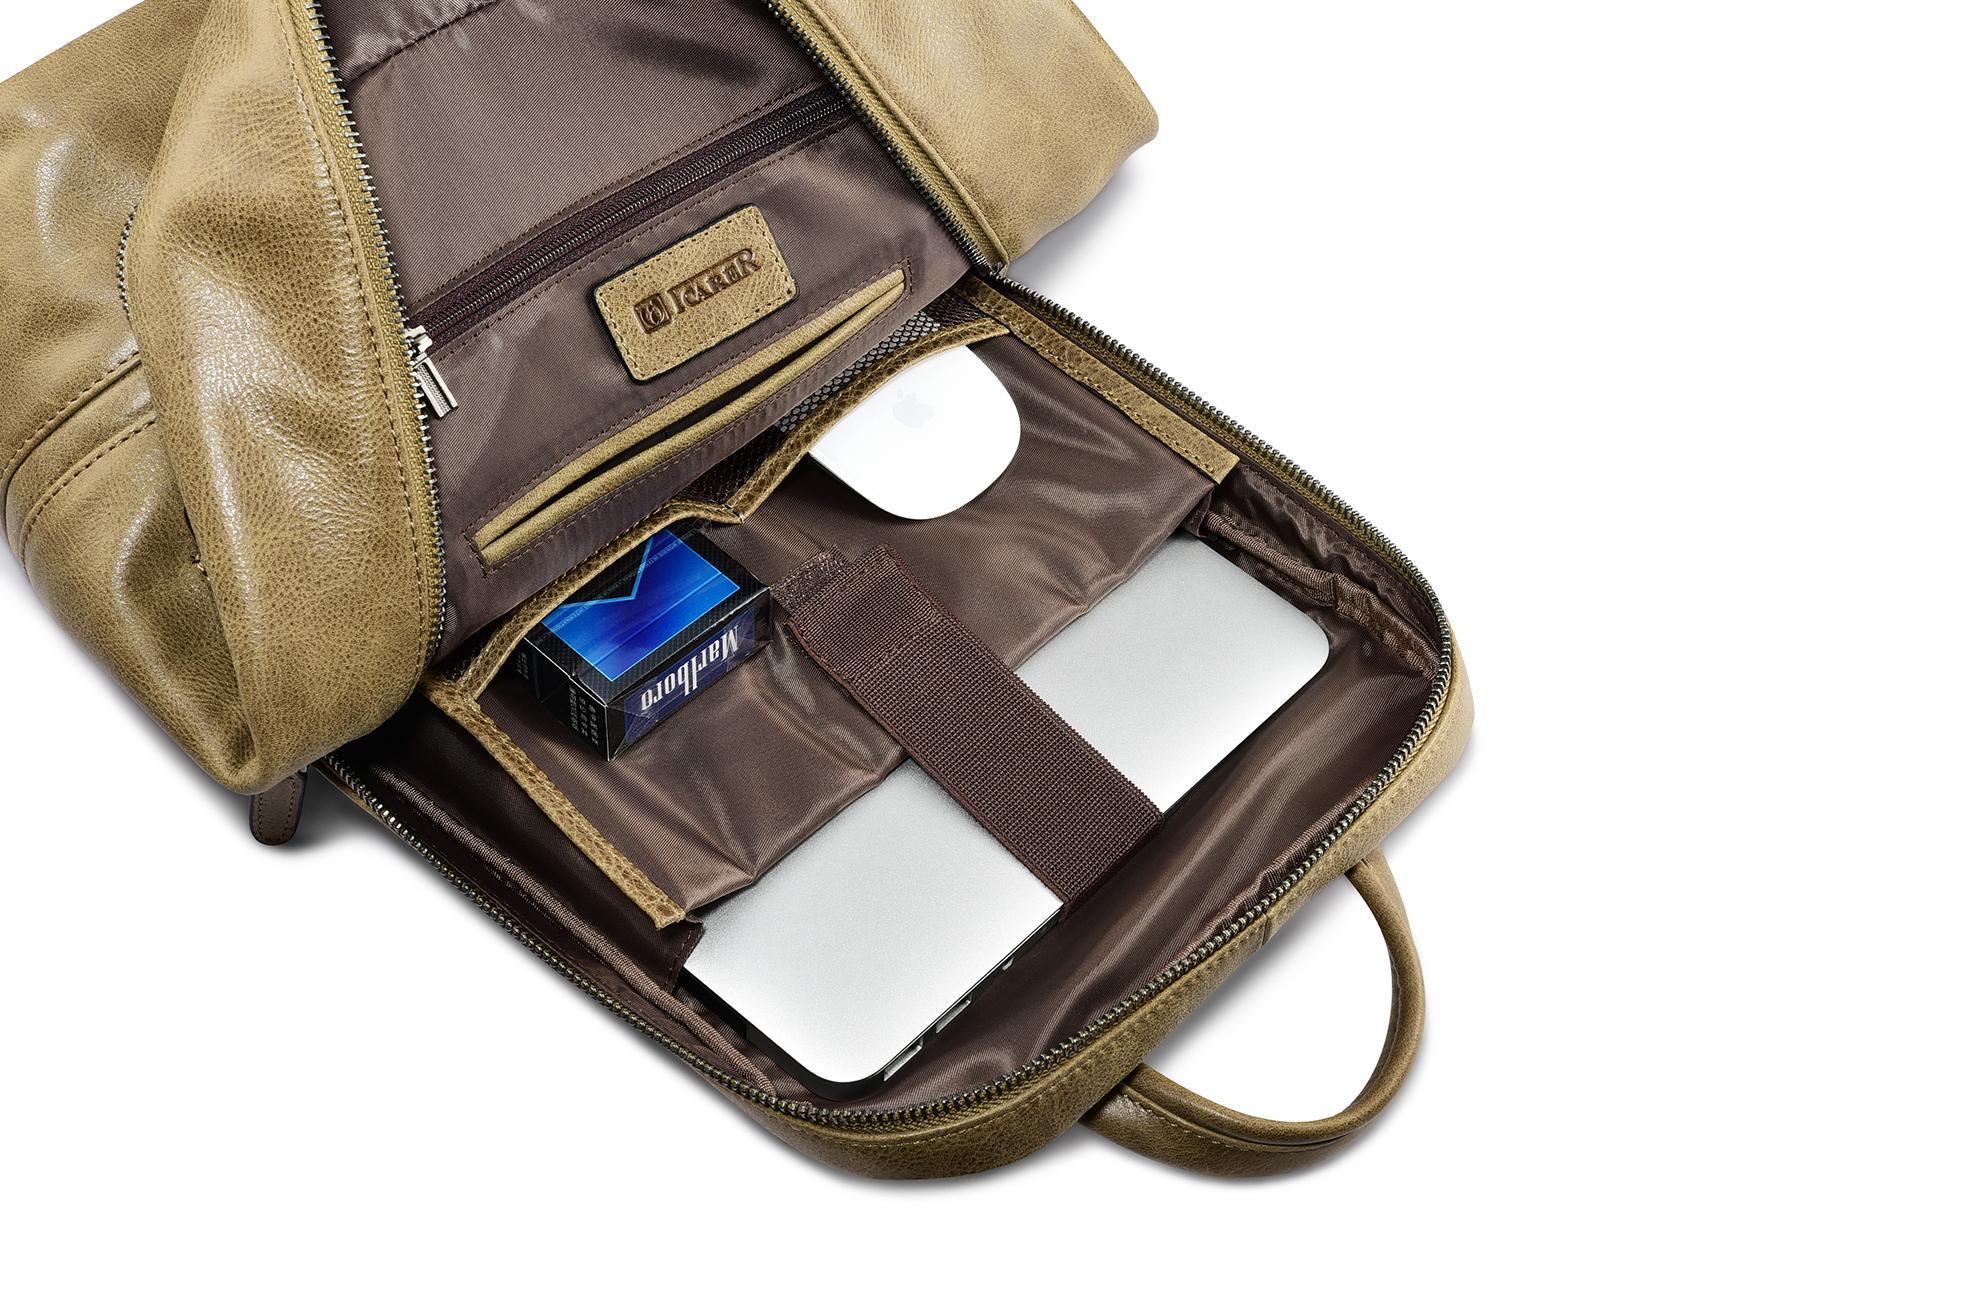 iCarer Shenzhou Real Leather Backpack 10